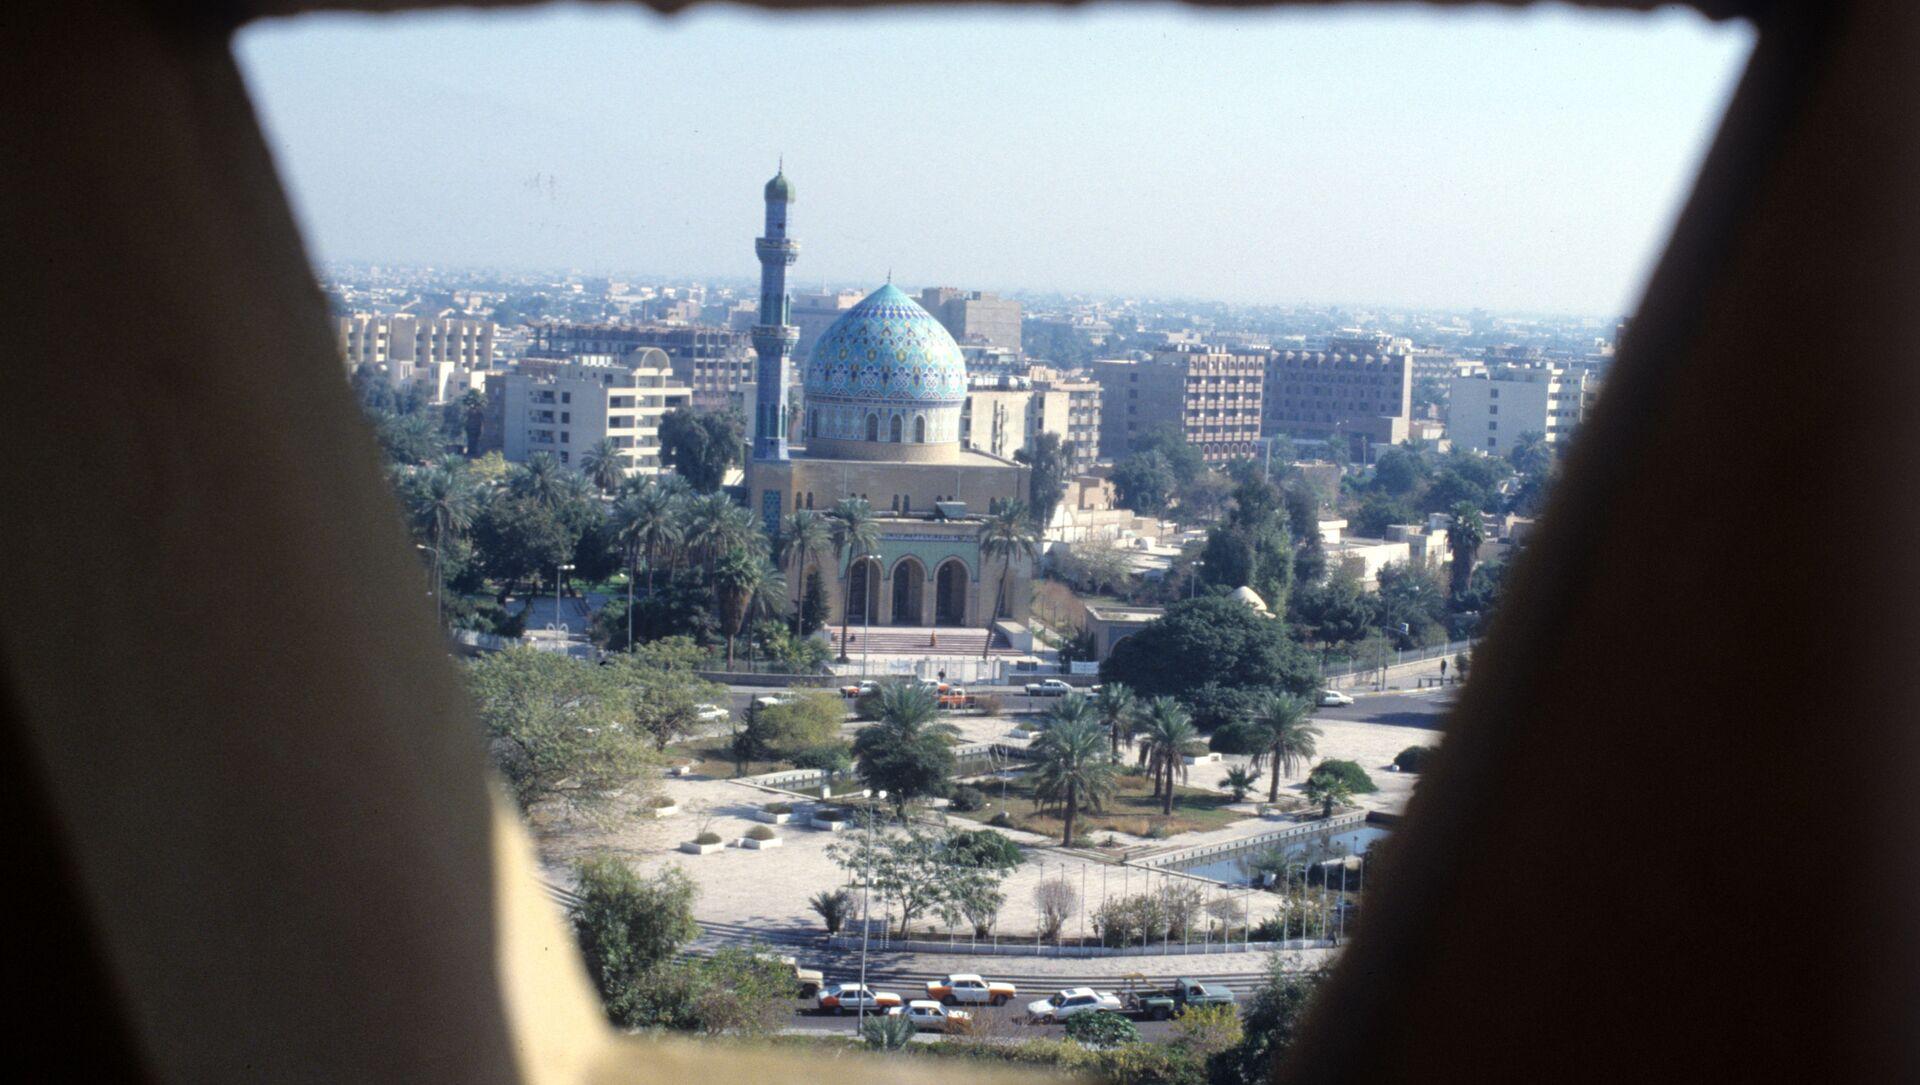 Widok na Bagdad, Irak - Sputnik Polska, 1920, 08.04.2021